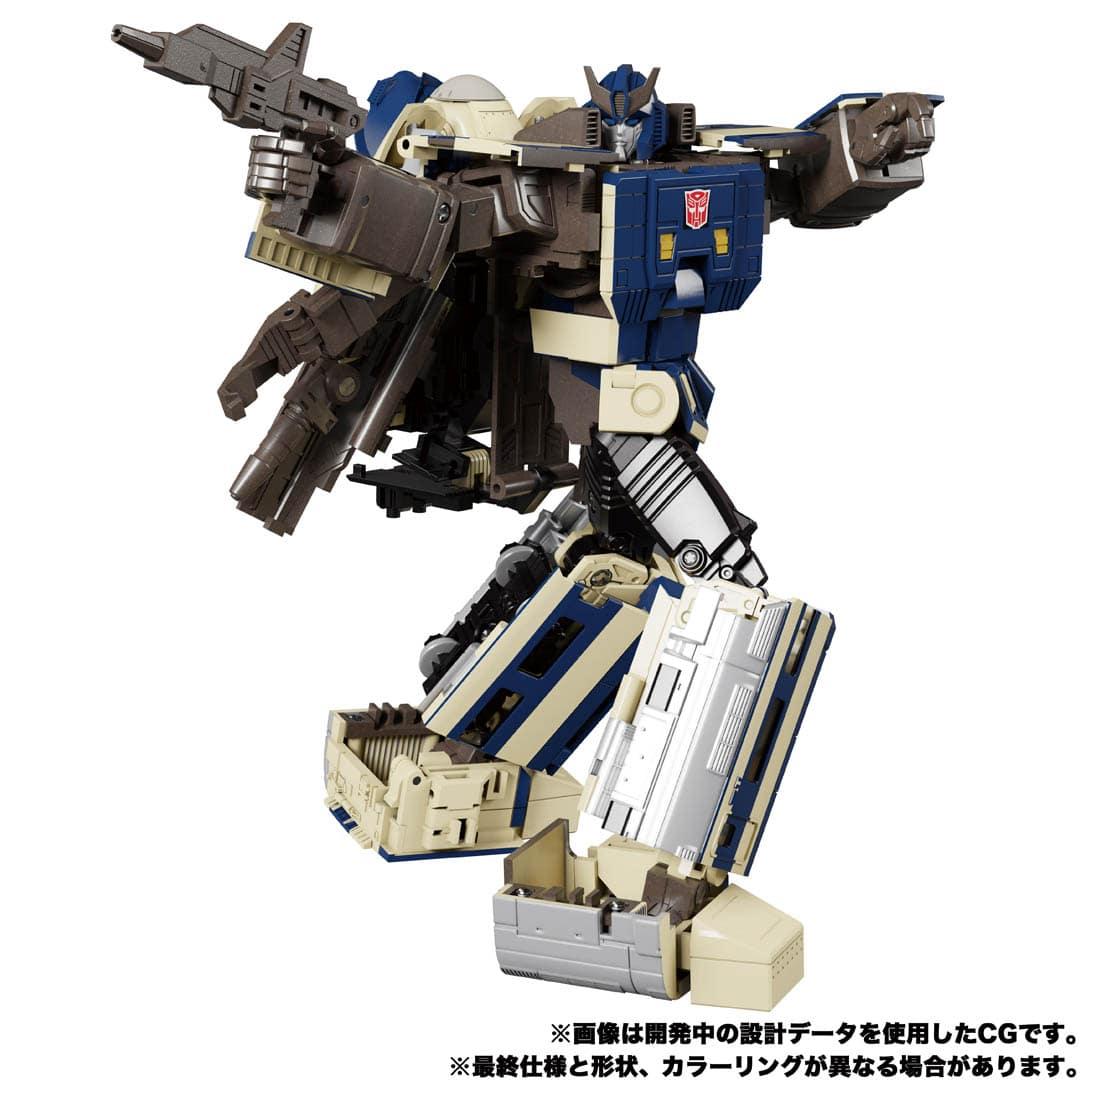 トランスフォーマー マスターピースG『MPG-01 トレインボット ショウキ』可変可動フィギュア-005